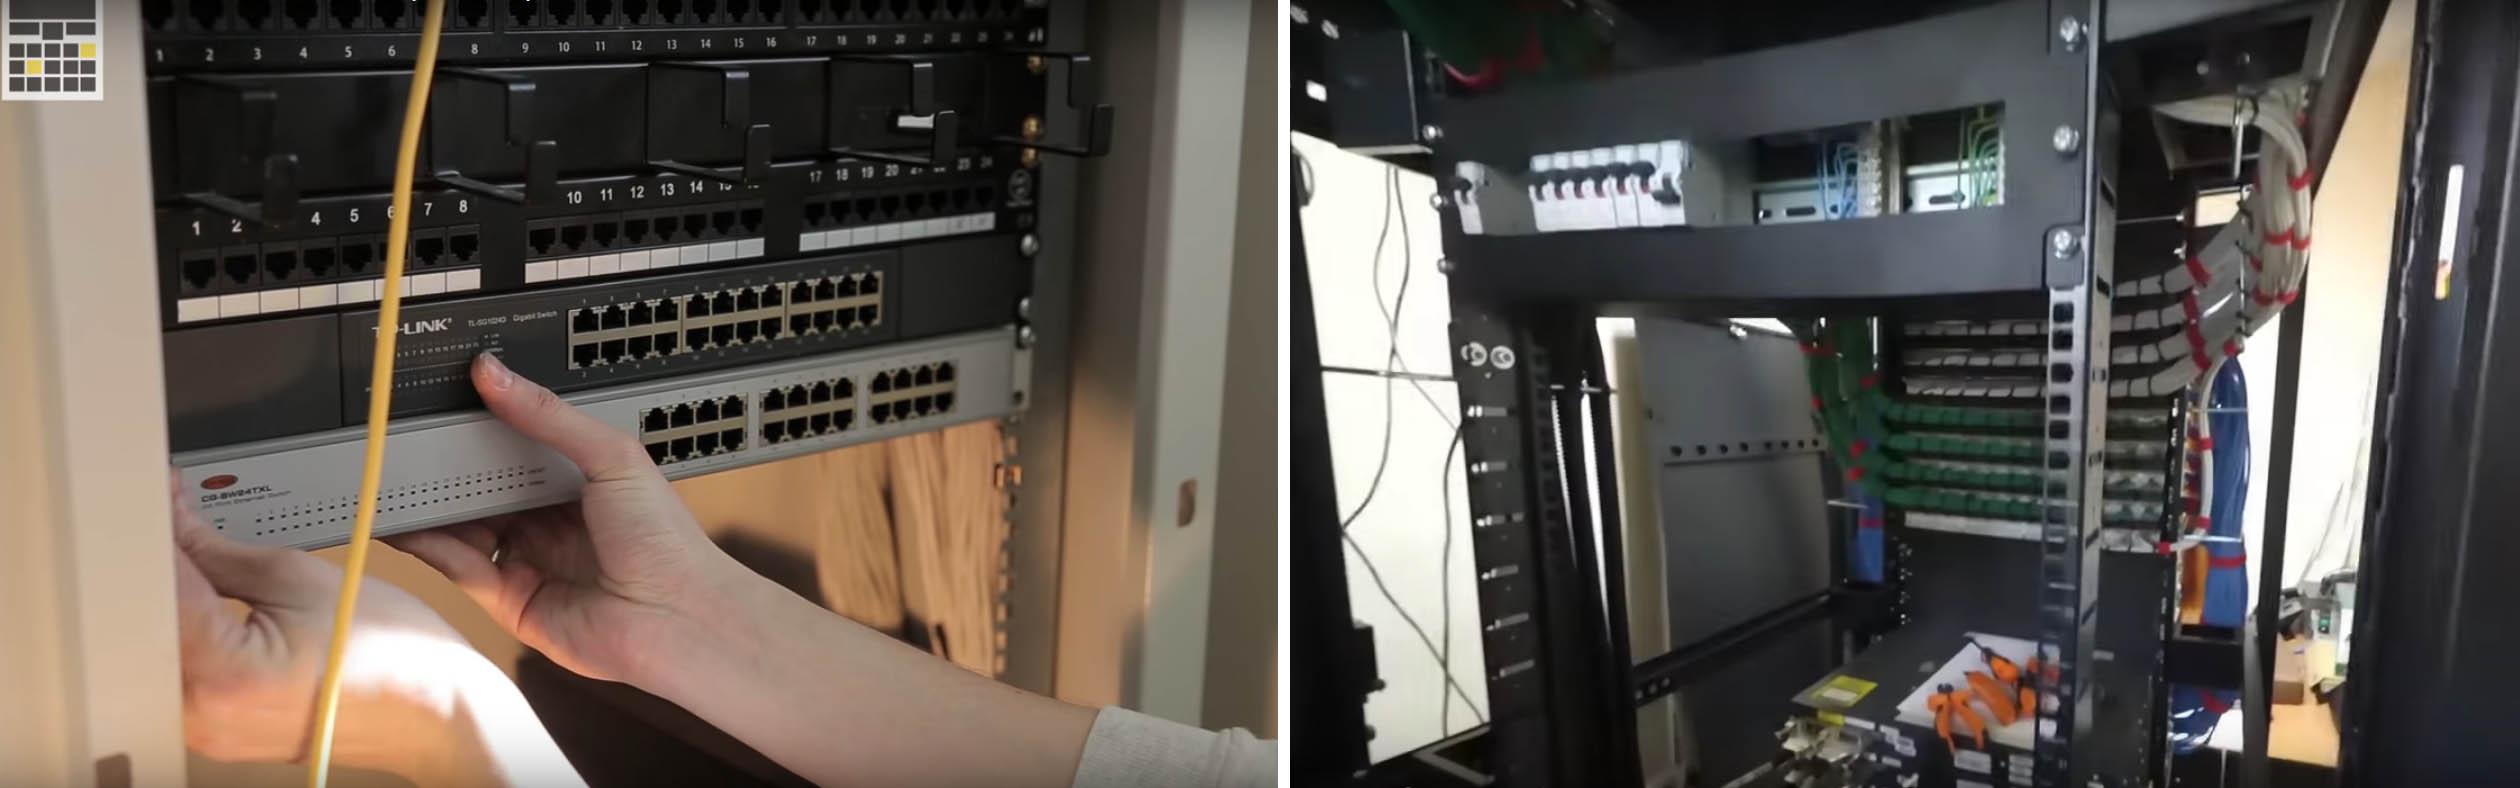 Техническое обслуживание кабельных систем